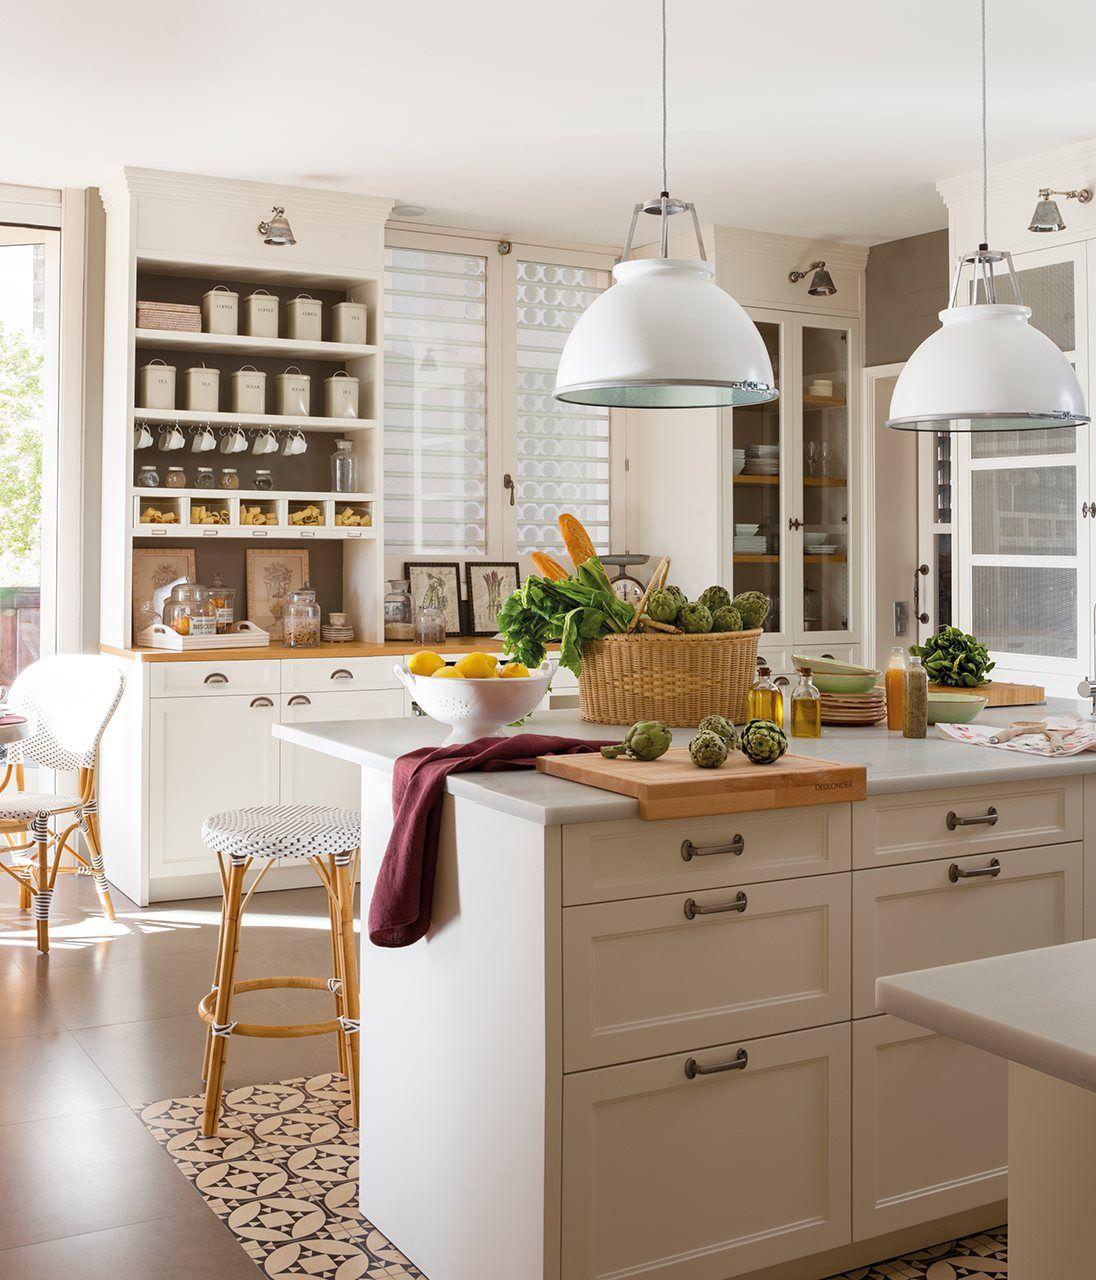 Cocina reduce el gasto al 50 trucos - Trucos decoracion hogar ...